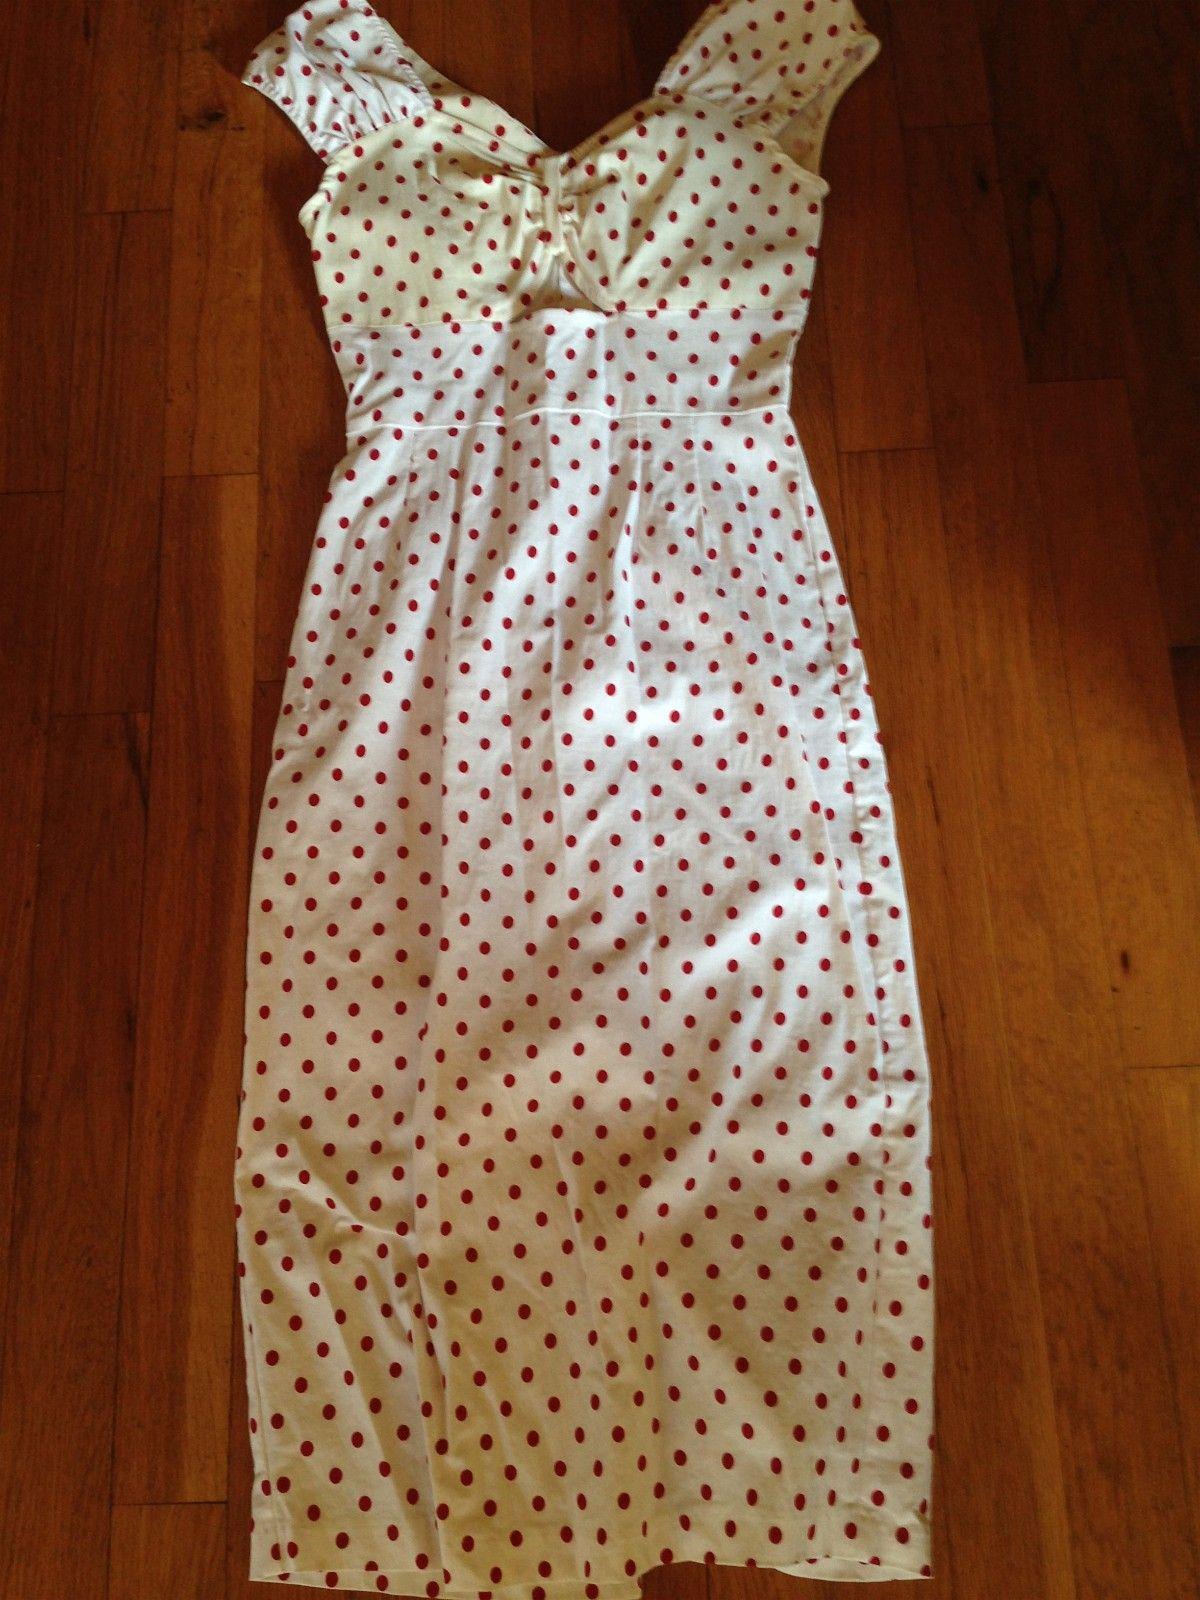 d20235dad35f Feminin hvit kjole med røde polkadotter med armbånd